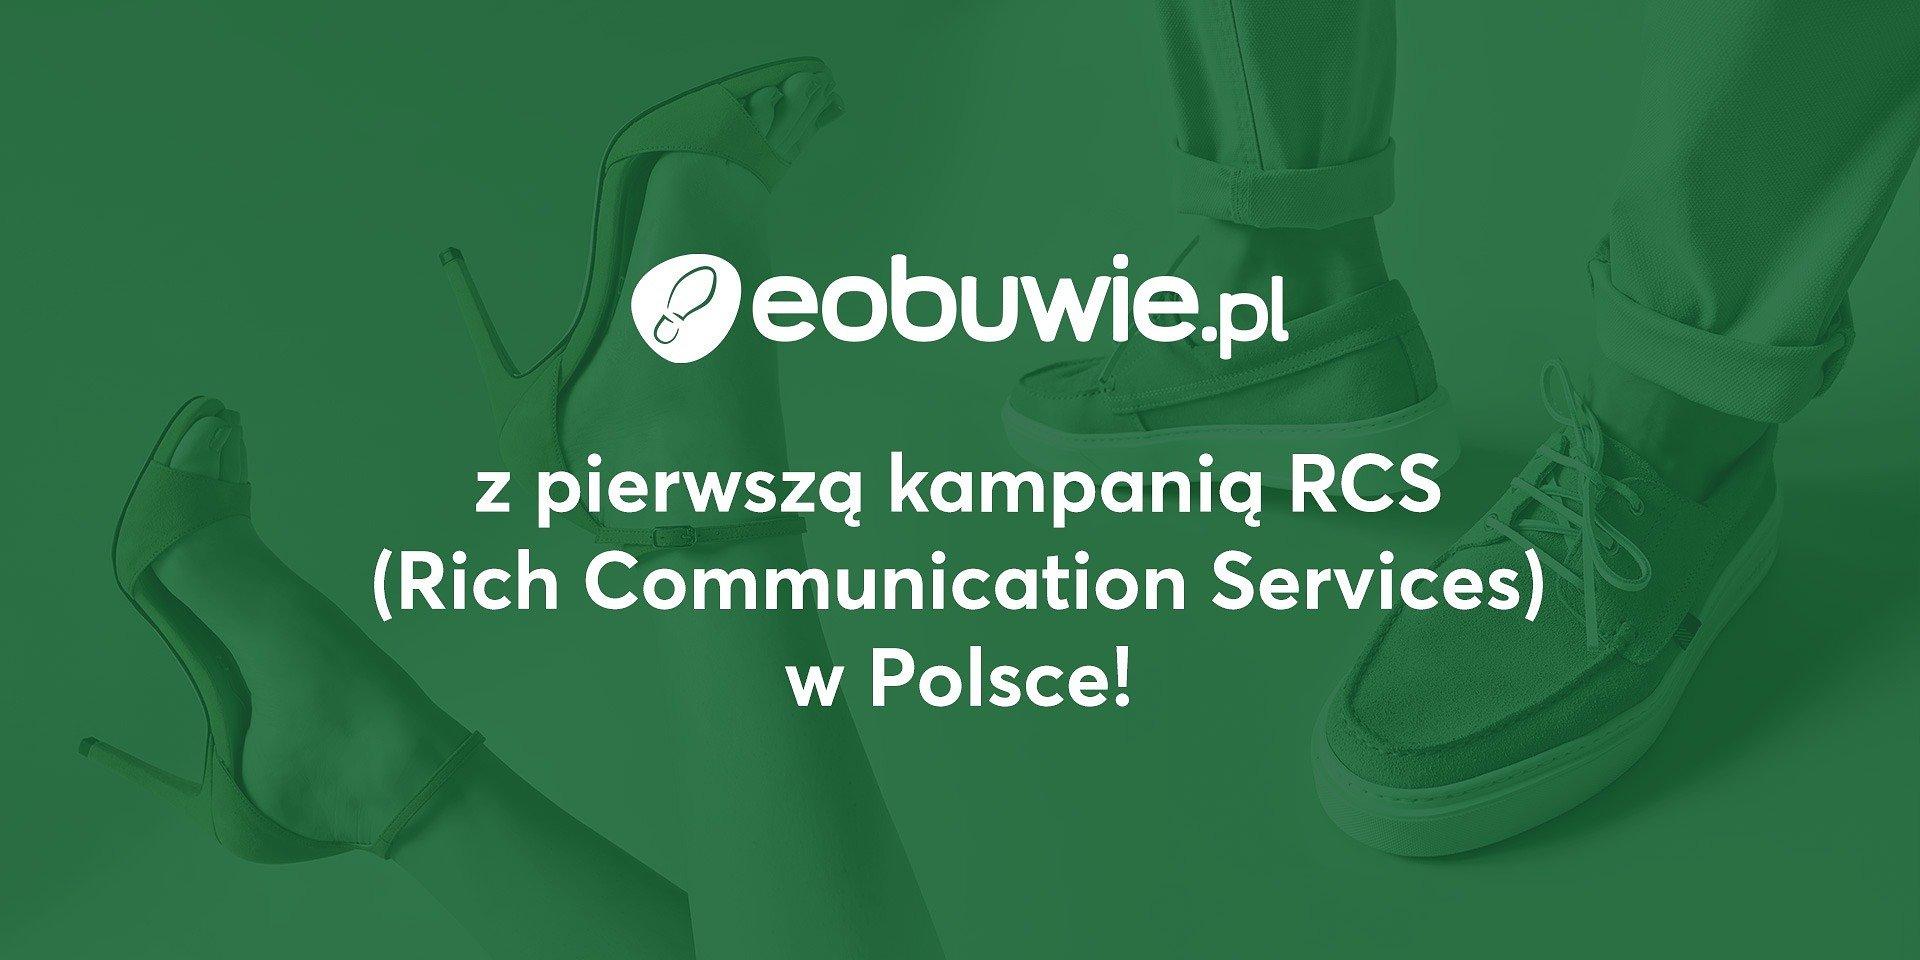 Eobuwie.pl, Play oraz Infobip z pierwszą kampanią marketingową RCS w Polsce